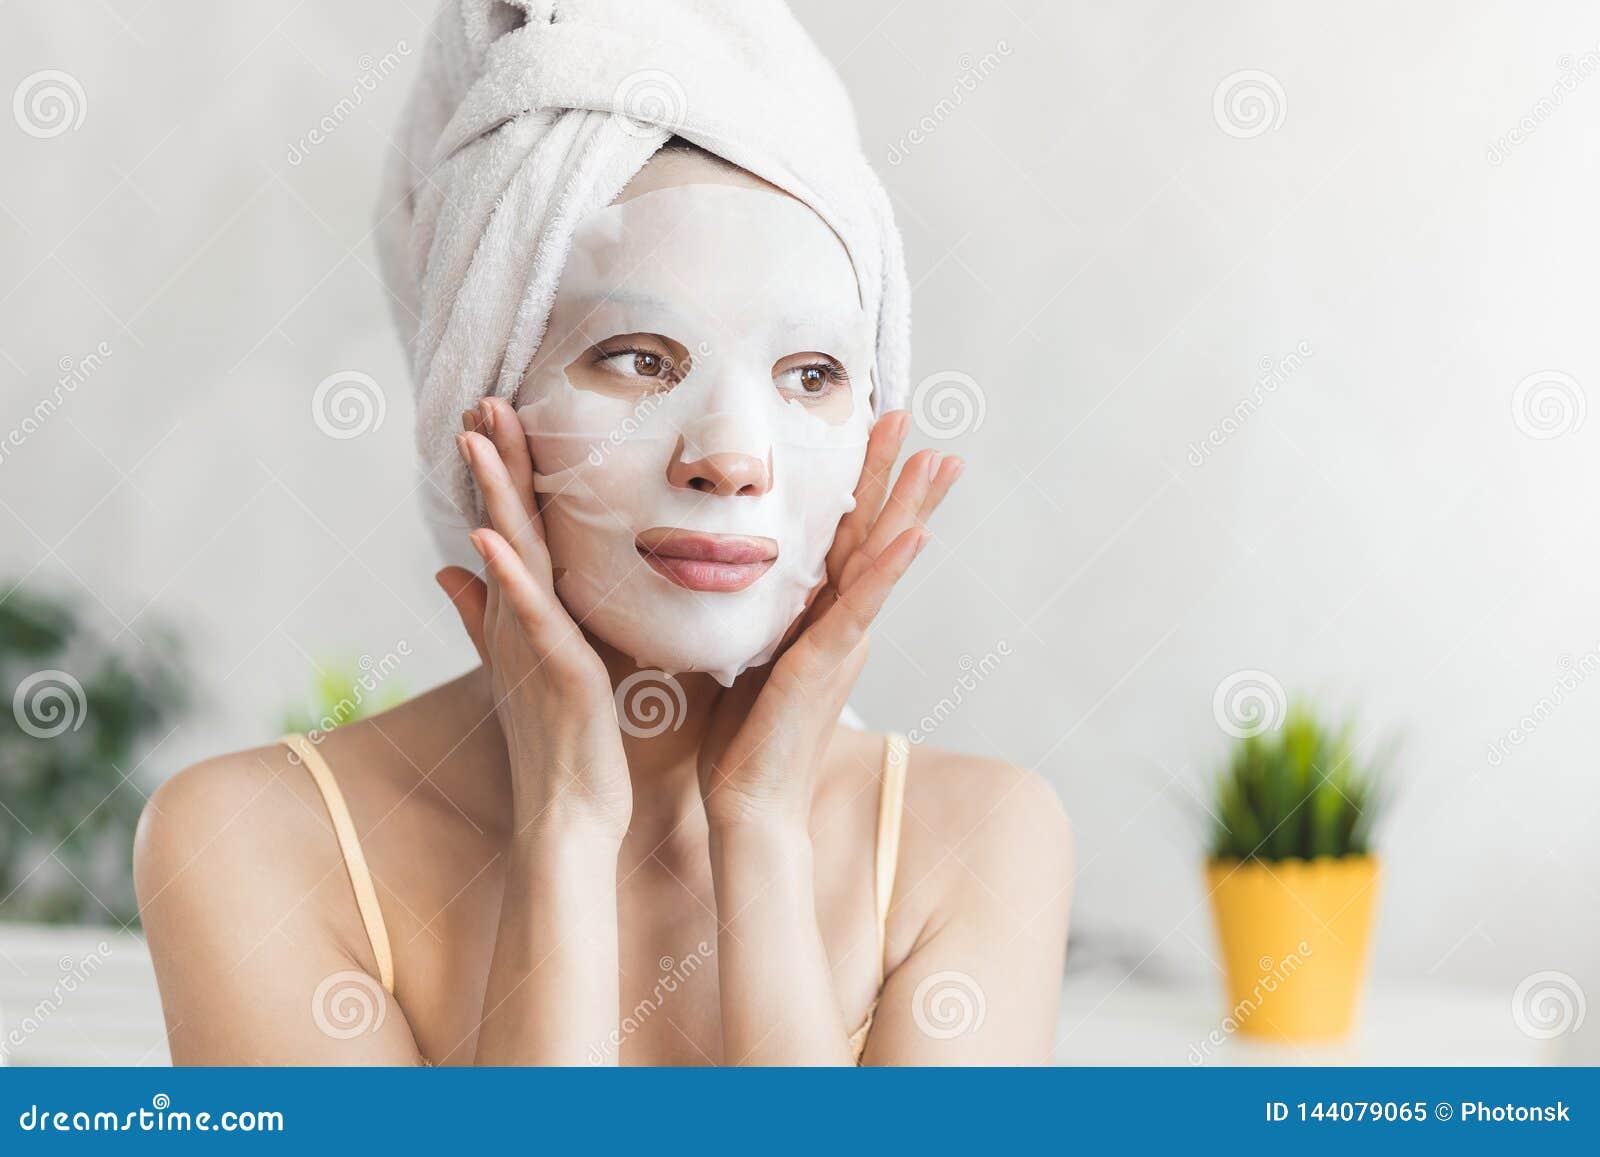 Gesichtshautpflege Attraktive junge Frau eingewickelt im Bad-Tuch, mit weißer befeuchtender Gesichtsmaske Nahaufnahmeportrait get